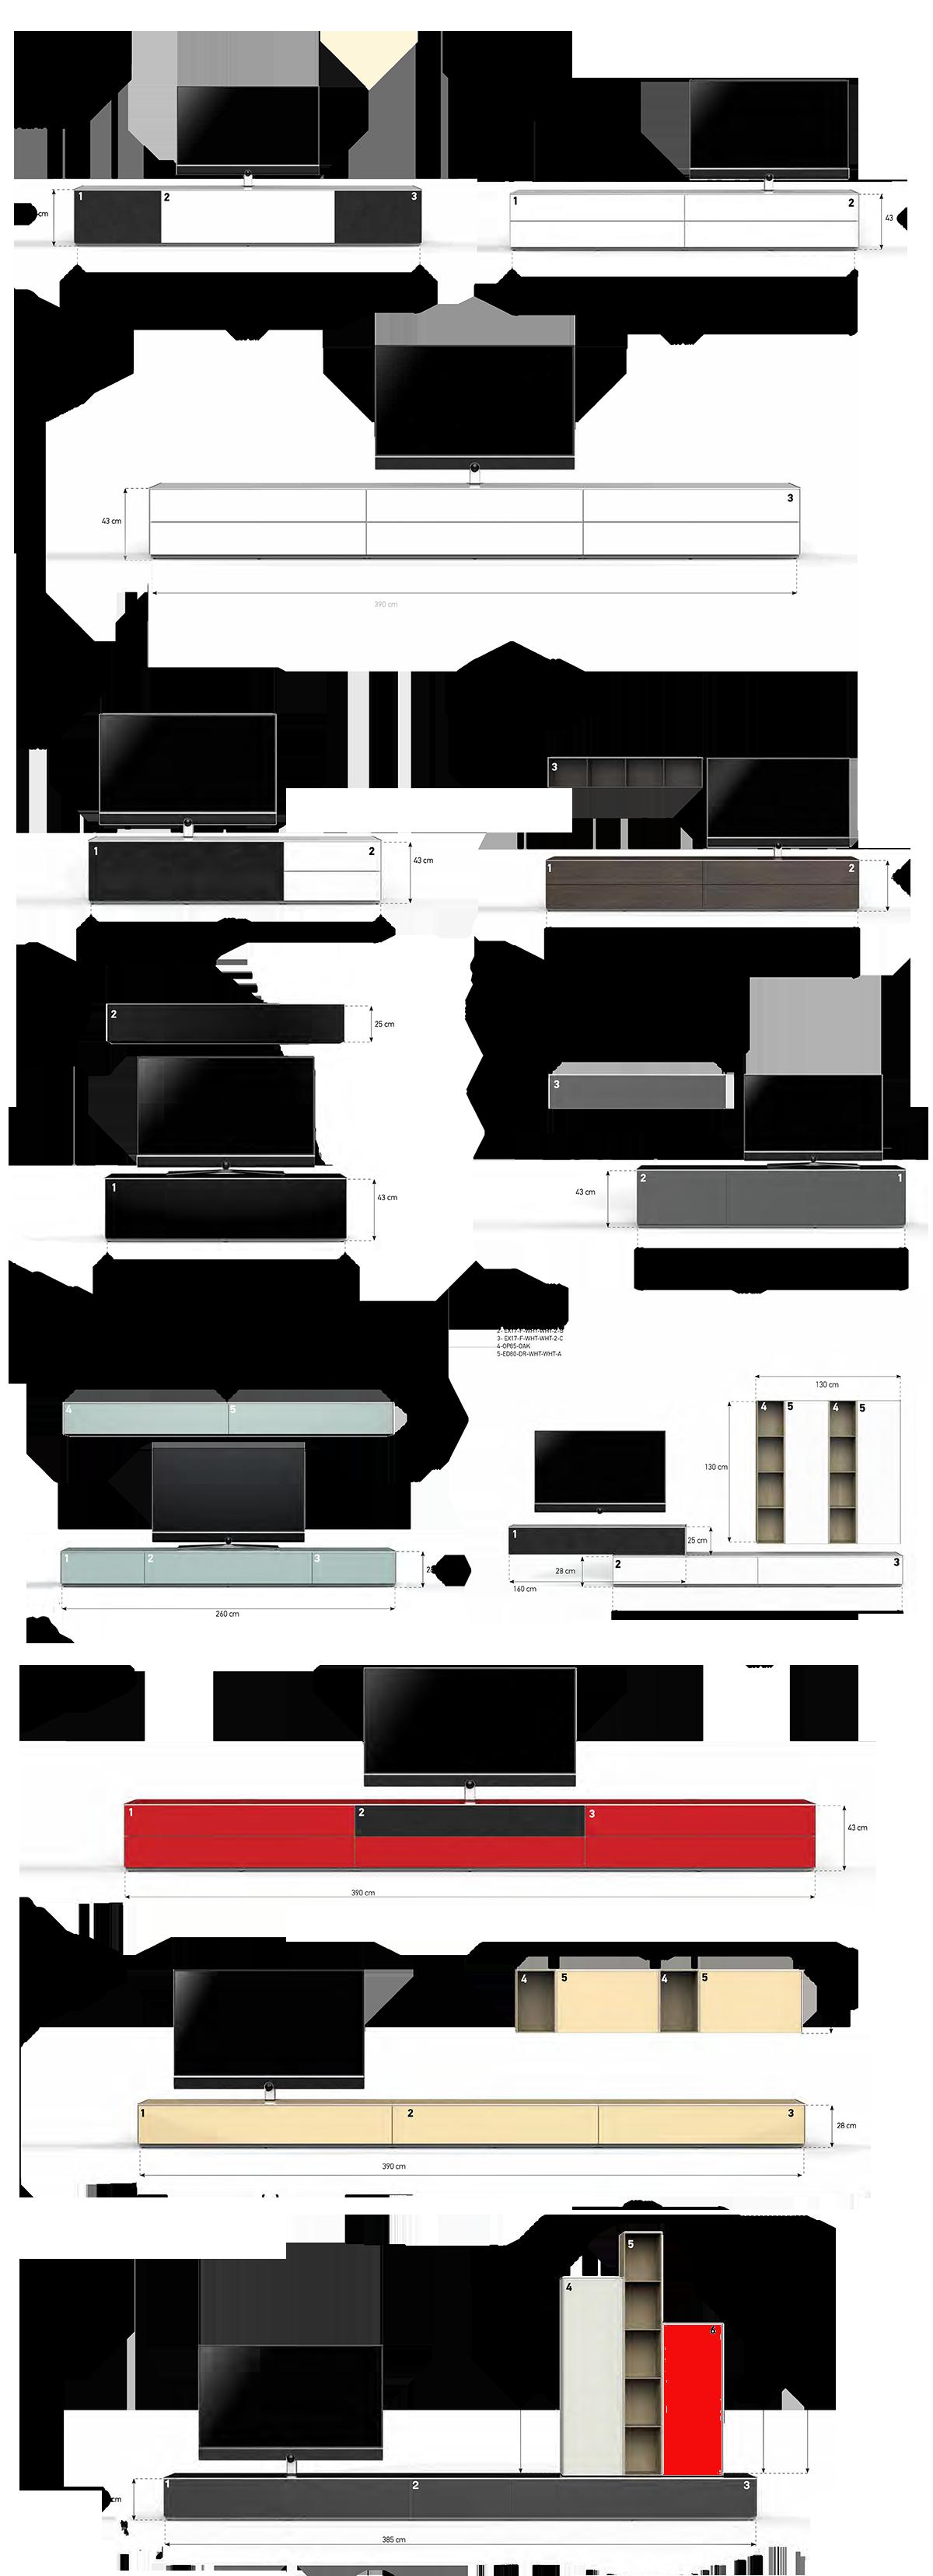 Sonorous® prezentuje nową luksusową serię mebli audio-video ELEMENTS, wykonaną z najwyższej jakości materiałów, dbałość o szczegóły designu zaspokoją najbardziej wybrednych estetów. Nowa prestiżowa seria EX została zaprojektowana tak, aby spełnić surowe wymagania dzisiejszej elektroniki z naciskiem na jakość, funkcjonalność i estetykę. Luksusowe meble seri ELEMENTS są ręcznie składane co dodatkowo wpływa na ich solidne i estetyczne wykonanie. Używane hartowane szkło bezodpryskowe, zapewnia nam pięć razy wyższą odporność na zarysowania lub stłuczenie niż zwykłe szkło, do tego szeroki wybór kolorystyki drewna lub lakieru, pozwala nam na dopasowanie mebli do Twojego wnętrza. W zestawie znajduje się przedłużacz do pilotów na podczerwień, umożliwiający obsługę urządzeń bez konieczności otwierania szafki stolika. SonorousIR2000, przedłużacz do pilotów na podczerwień, zestaw składa się z odbiornika, który umieszcza się w widocznym miejscu oraz 8 nadajników przekazujących komendy z pilota do 8 niezależnych urządzeń, które mogą być umieszczone w zamkniętej, niewidocznej z zewnątrz przestrzeni. Przewody odbiornika i nadajników podłącza się do aktywnego modułu rozdzielającego i wzmacniającego sygnał podczerwieni. Dzięki zestawowi można obsługiwać do 8 urządzeń jednocześnie z gwarancją stabilnego przesyłu sygnału. Przednie drzwi szafki opcjonalnie mogą być pokryte tkaniną akustyczną, dostępną w trzech kolorach, co pozwala nam na umieszczenie w stoliku głośnika centralnego lub soundbar, czyniąc go niewidocznym dla oka, za to czysty i wyraźny dźwięk wypełni całe pomieszczenie w domu. Dotknij front stolika aby otworzyć drzwi, a ujrzysz wystarczająco dużo miejsca, aby pomieścić najbardziej wyrafinowany system i zbiór urządzeń audio – video. Zintegrowany system zarządzania kablami audio - video, pozwala na estetyczne ukrycie przewodów, aby uniknąć niepotrzebnych tworzących się pajęczyn kabli i przewodów. Duża wytrzymałość górnej półki, pozwalana nam na umieszczenie na stoliku ekranó